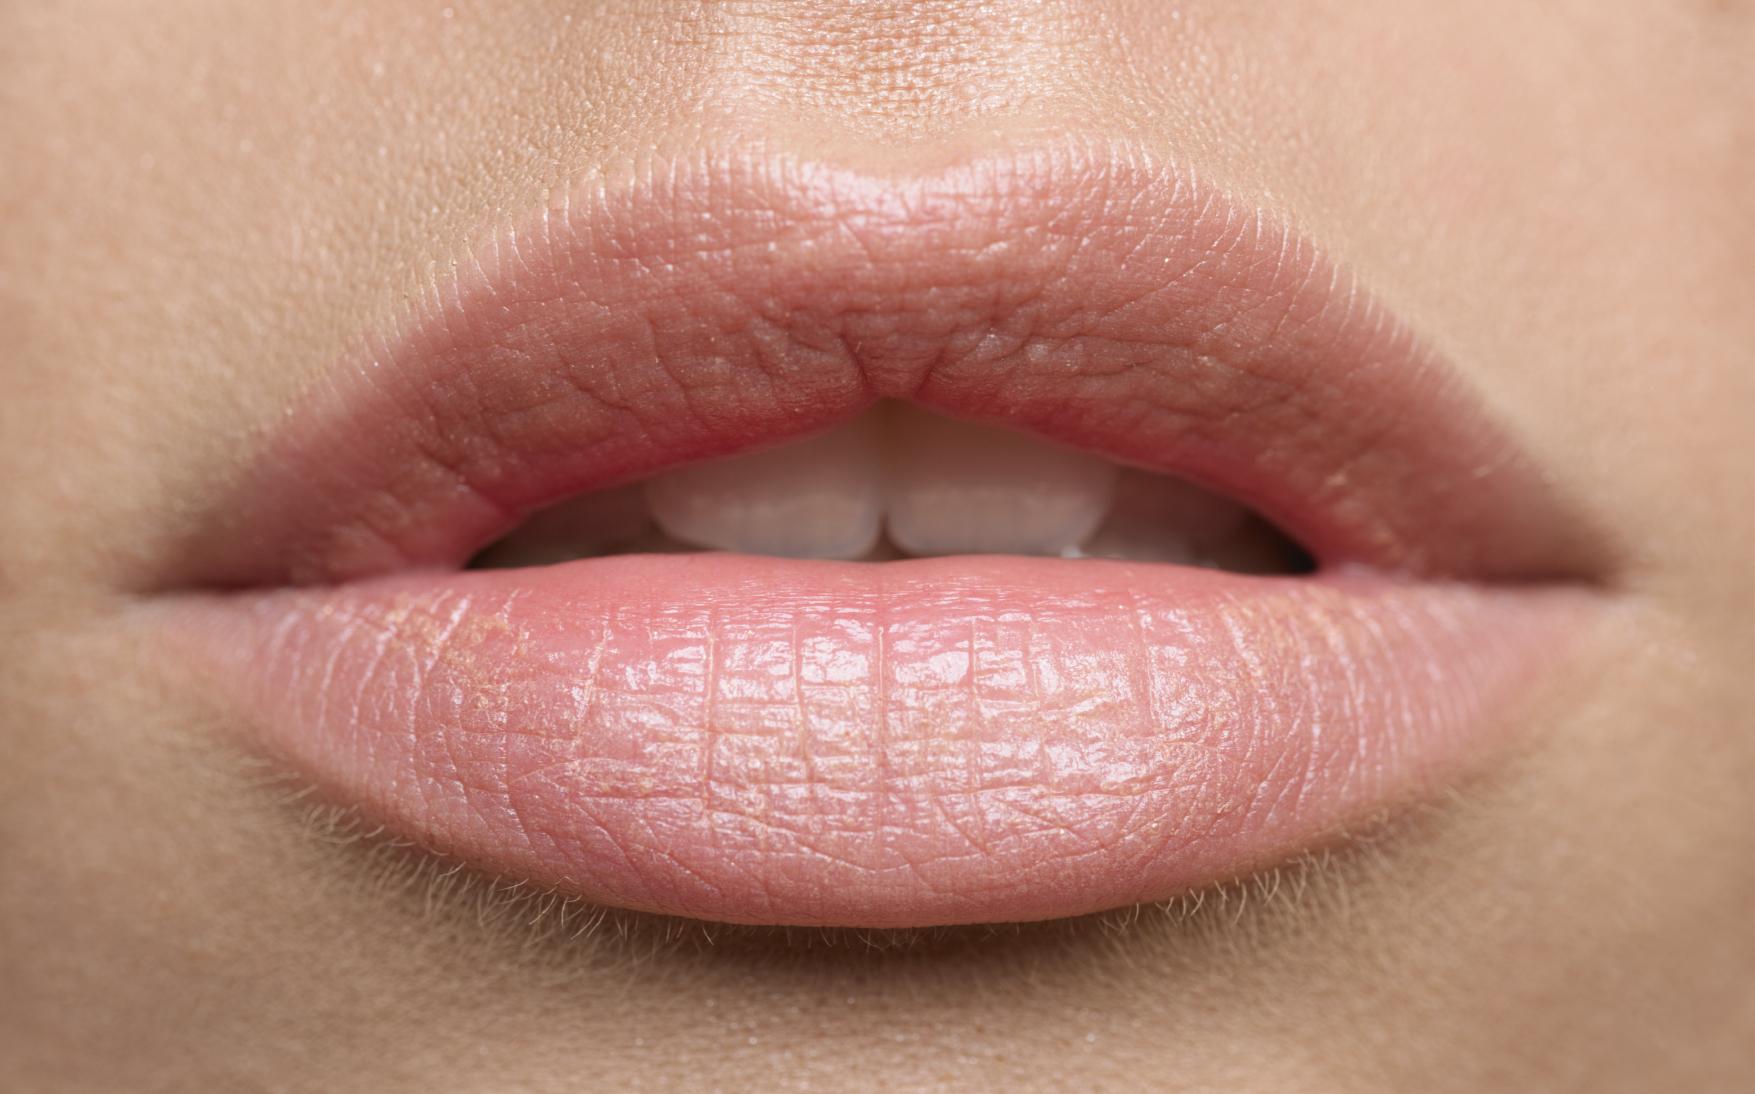 vörös foltok jelentek meg a száj körüli arcon vörösélű lábfolt